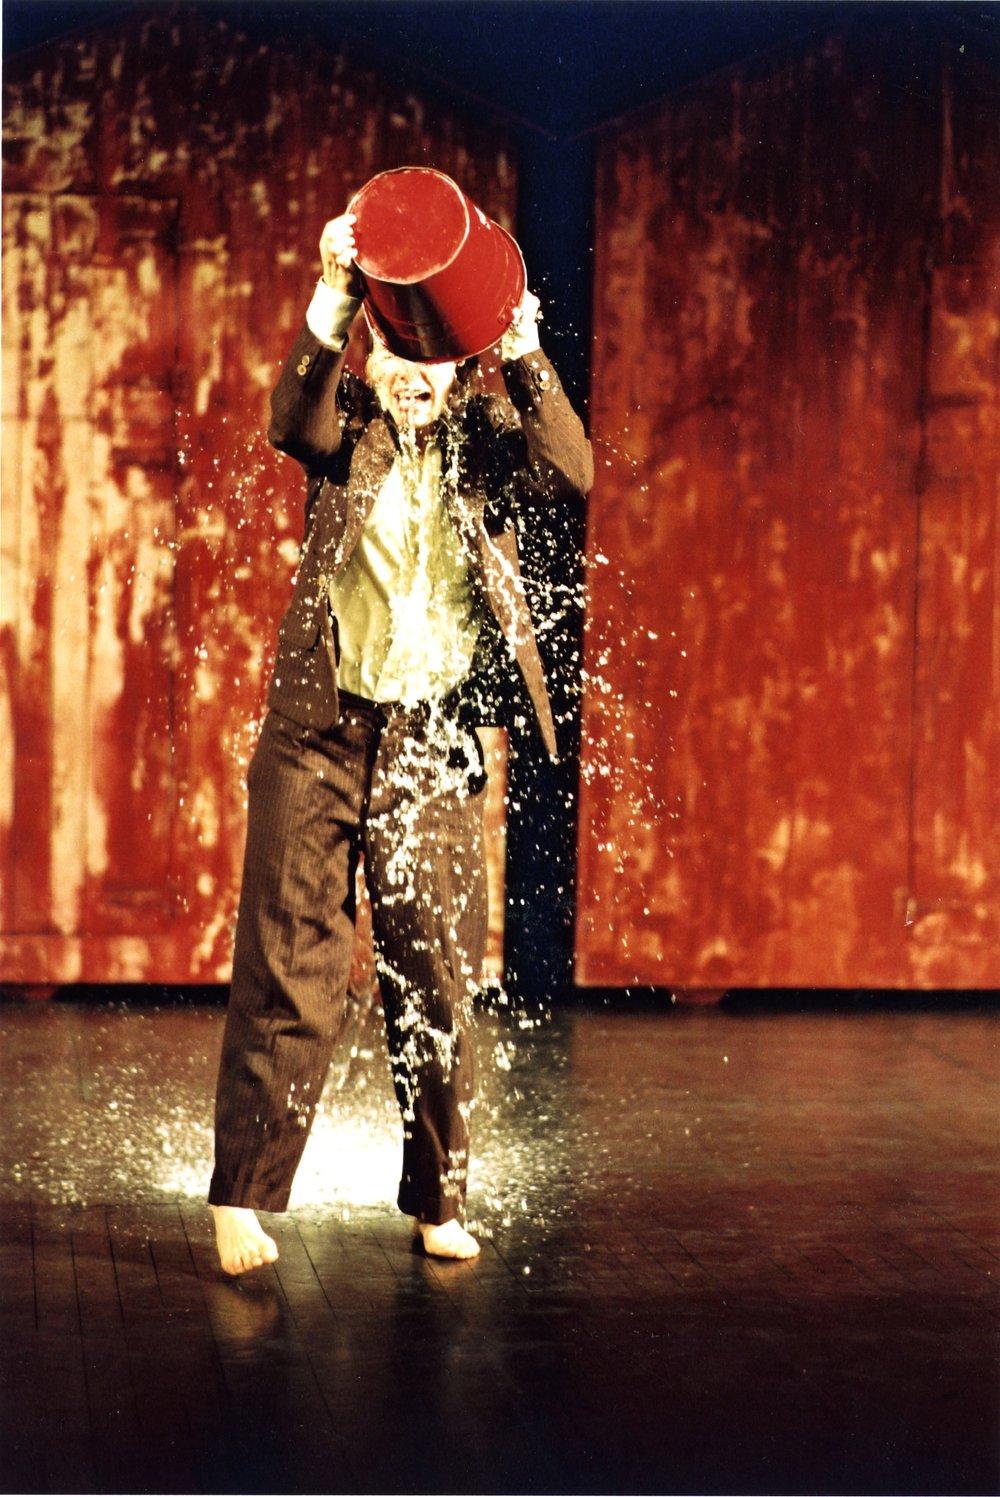 Shake 2001-2@Mario Del curto HD.jpg